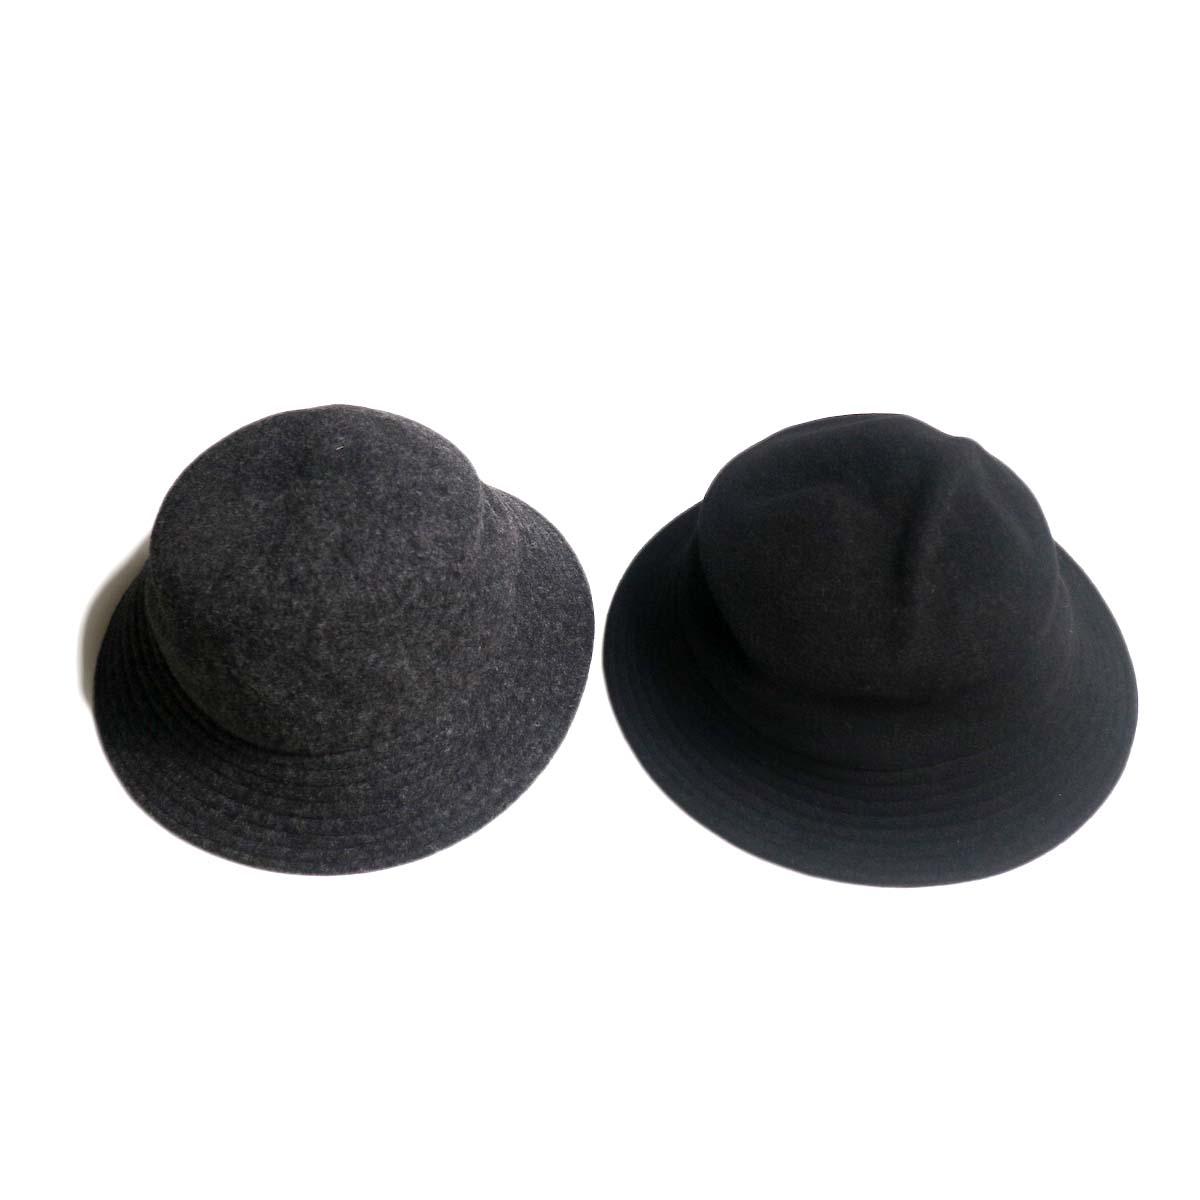 COMESANDGOES / Wool Hat (No.17655)